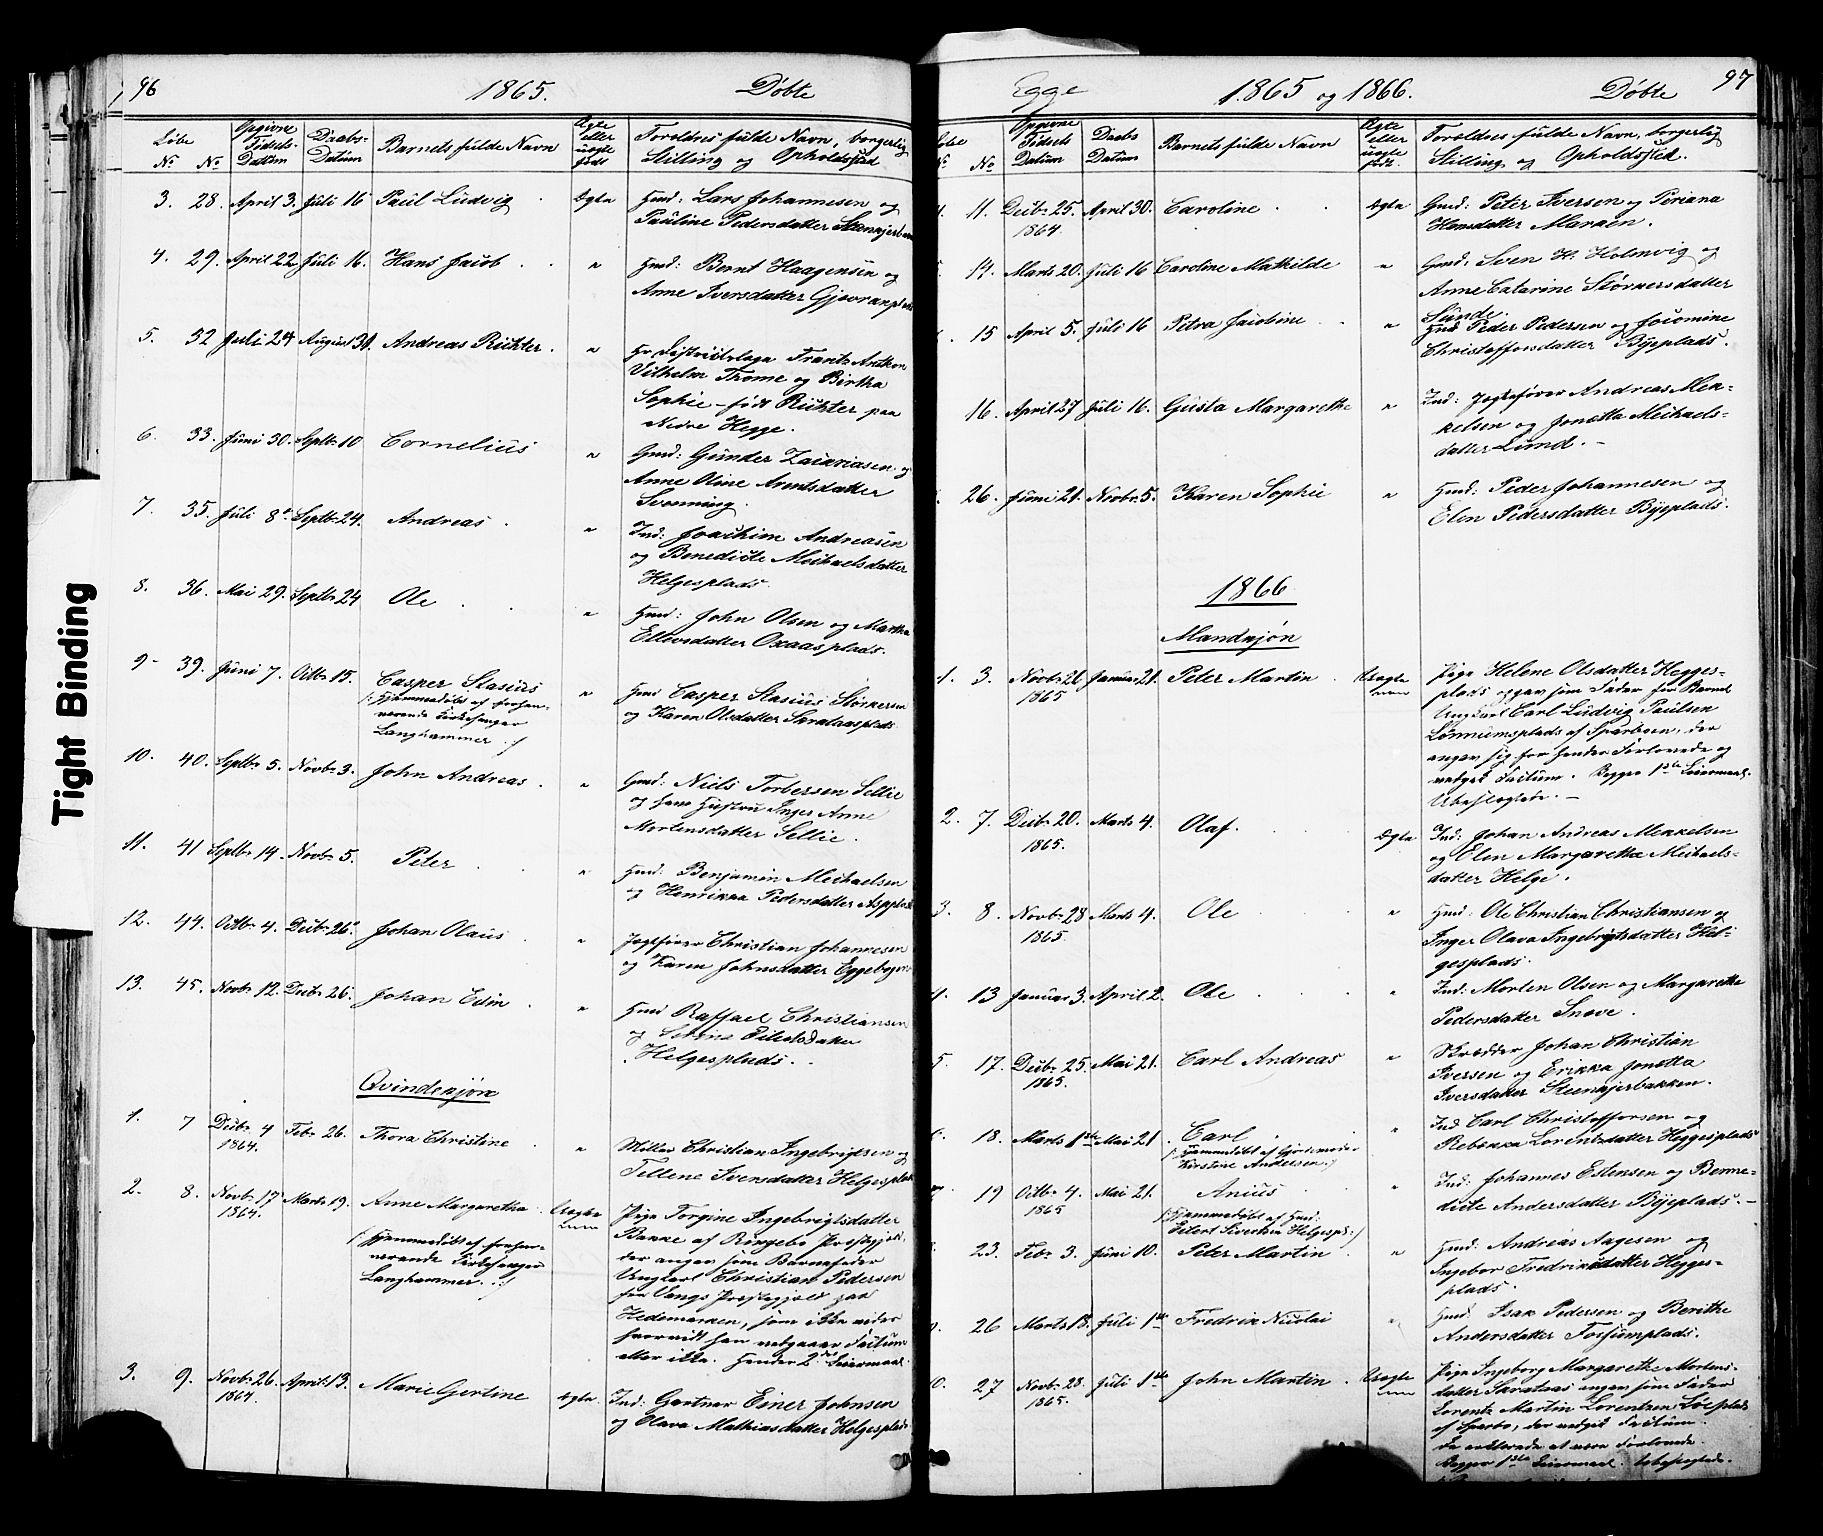 SAT, Ministerialprotokoller, klokkerbøker og fødselsregistre - Nord-Trøndelag, 739/L0367: Ministerialbok nr. 739A01 /3, 1838-1868, s. 96-97